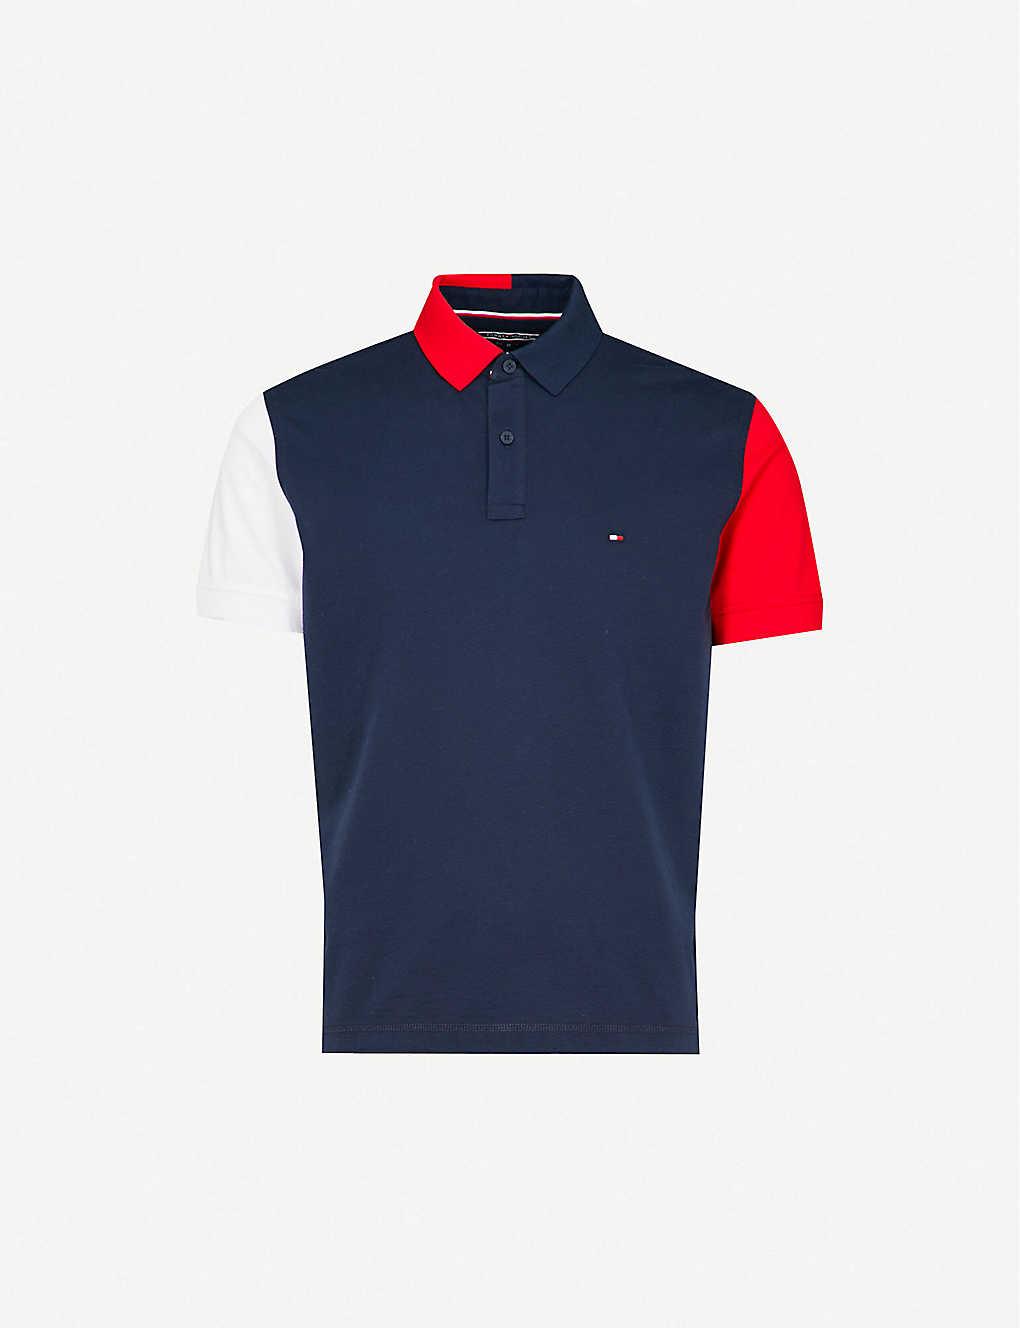 684941cfde70 TOMMY HILFIGER - Colour-block cotton polo shirt | Selfridges.com